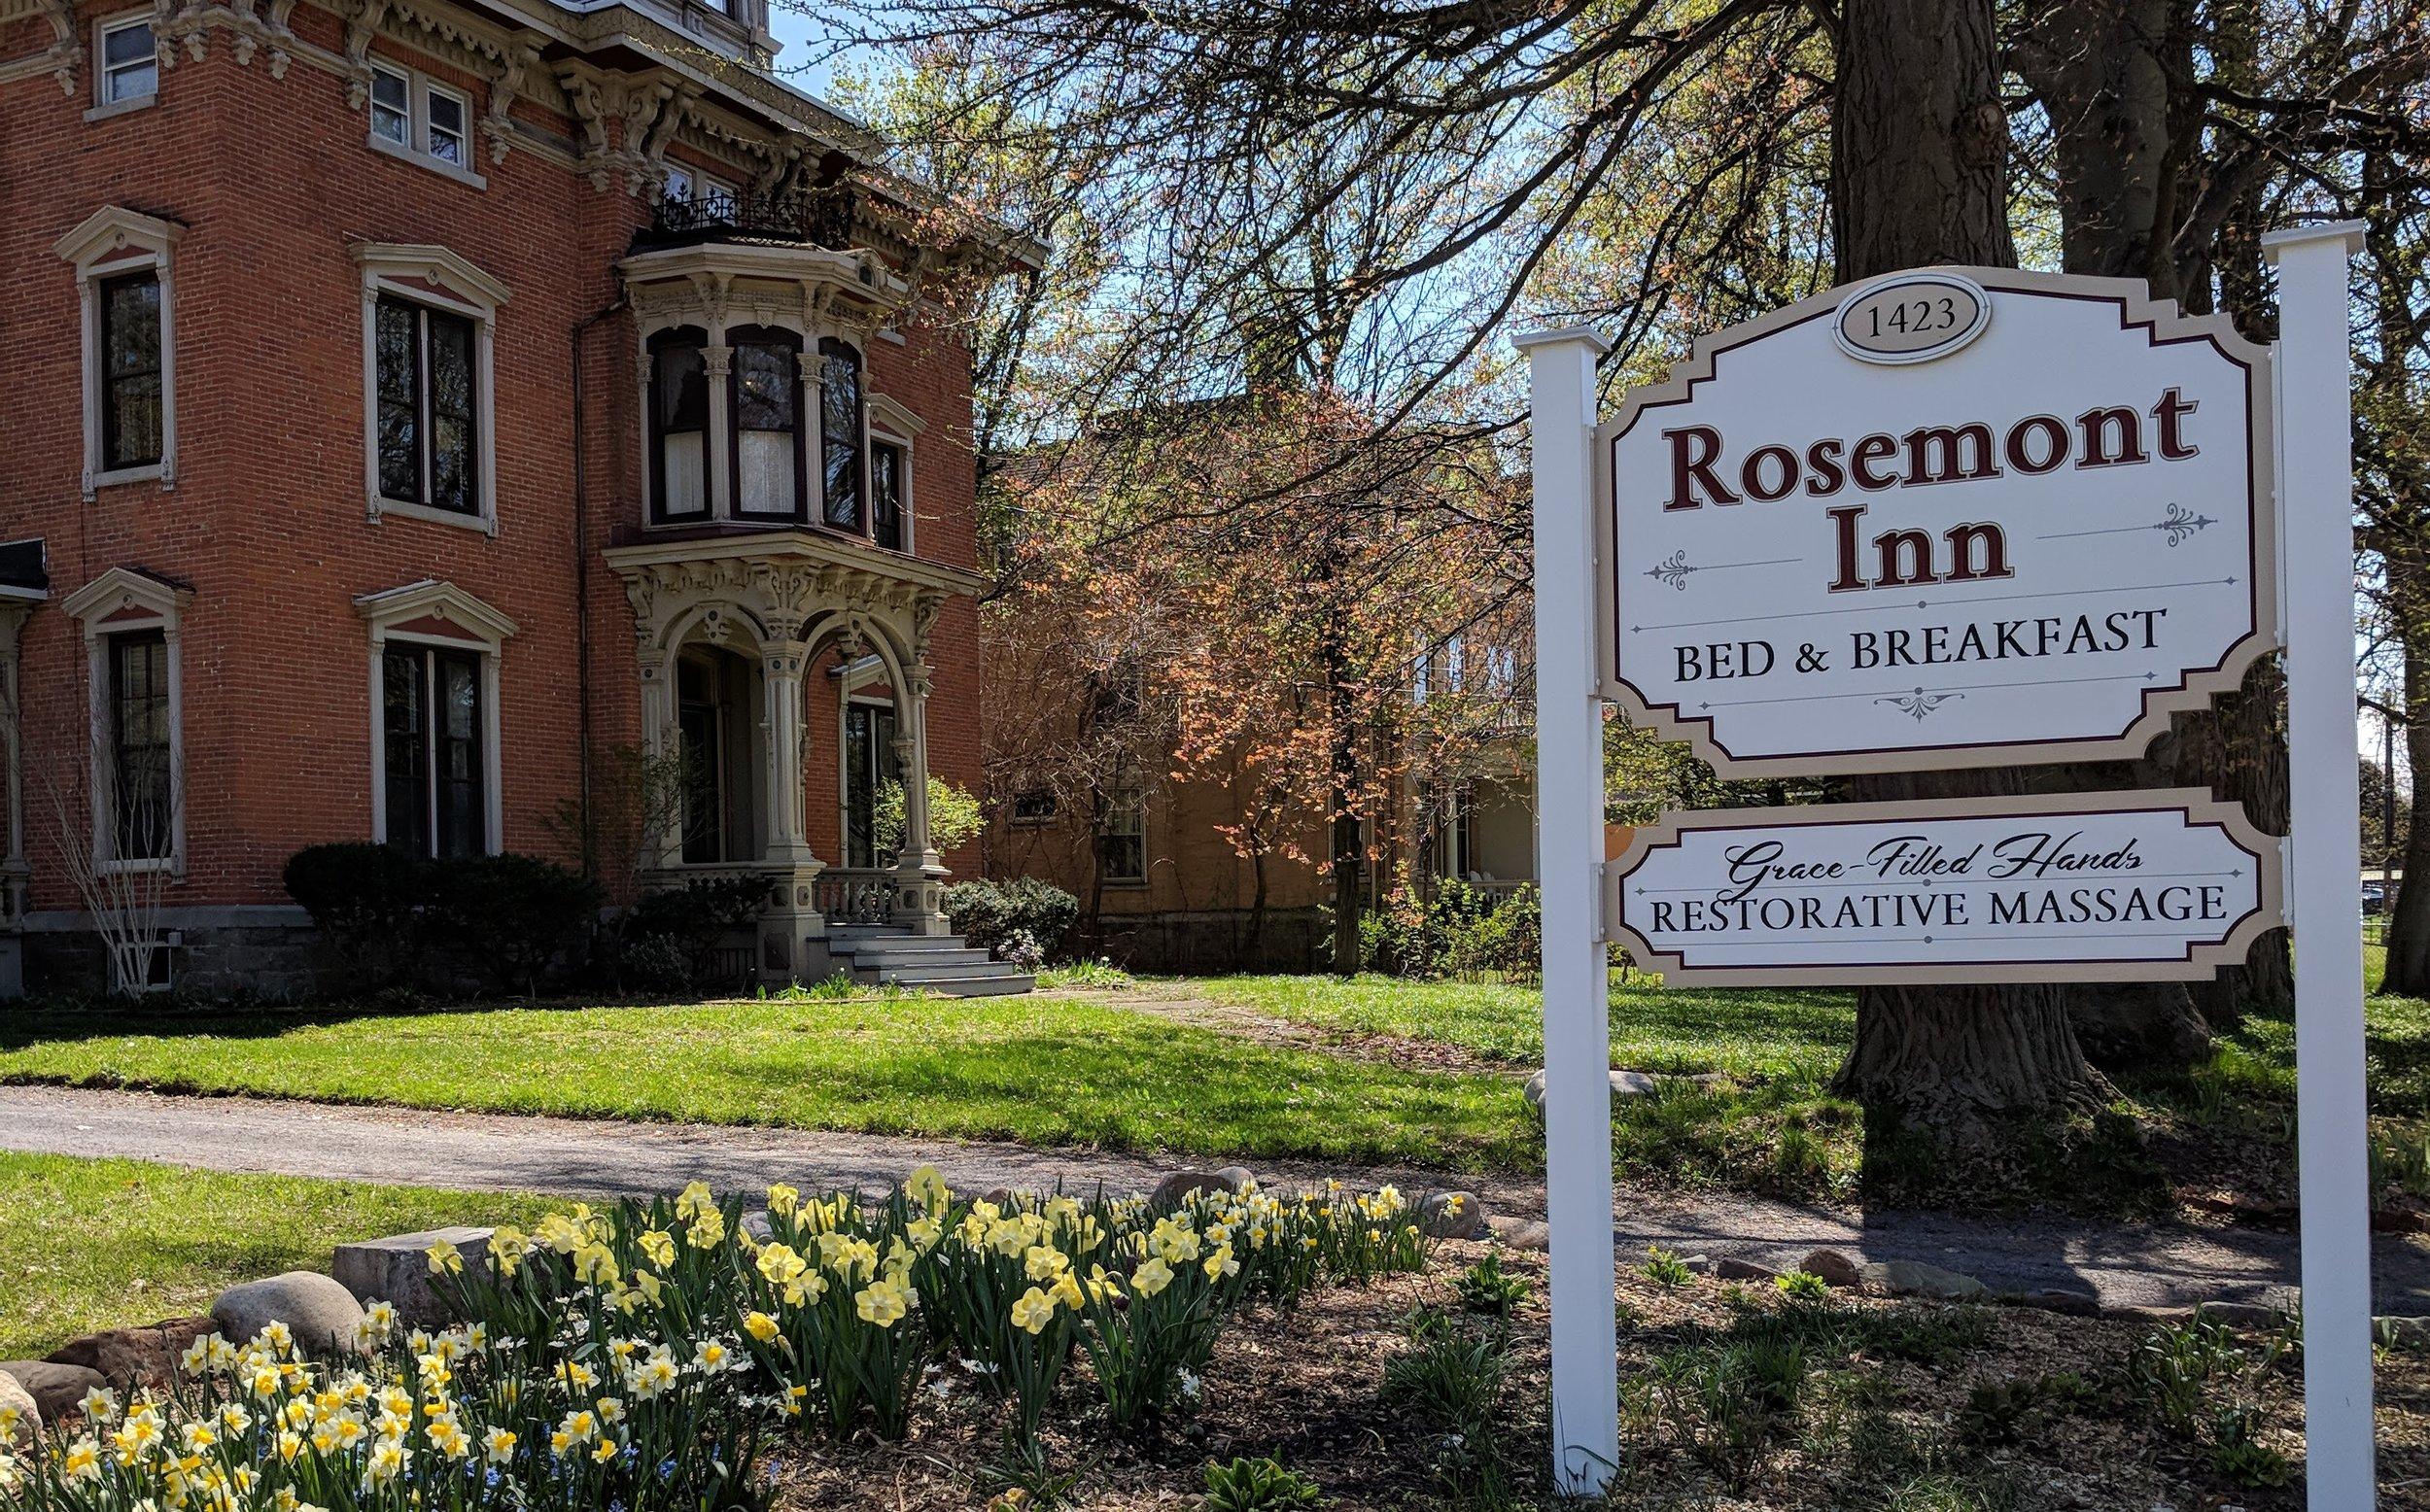 The Rosemont Inn outside GraceFilled Hands